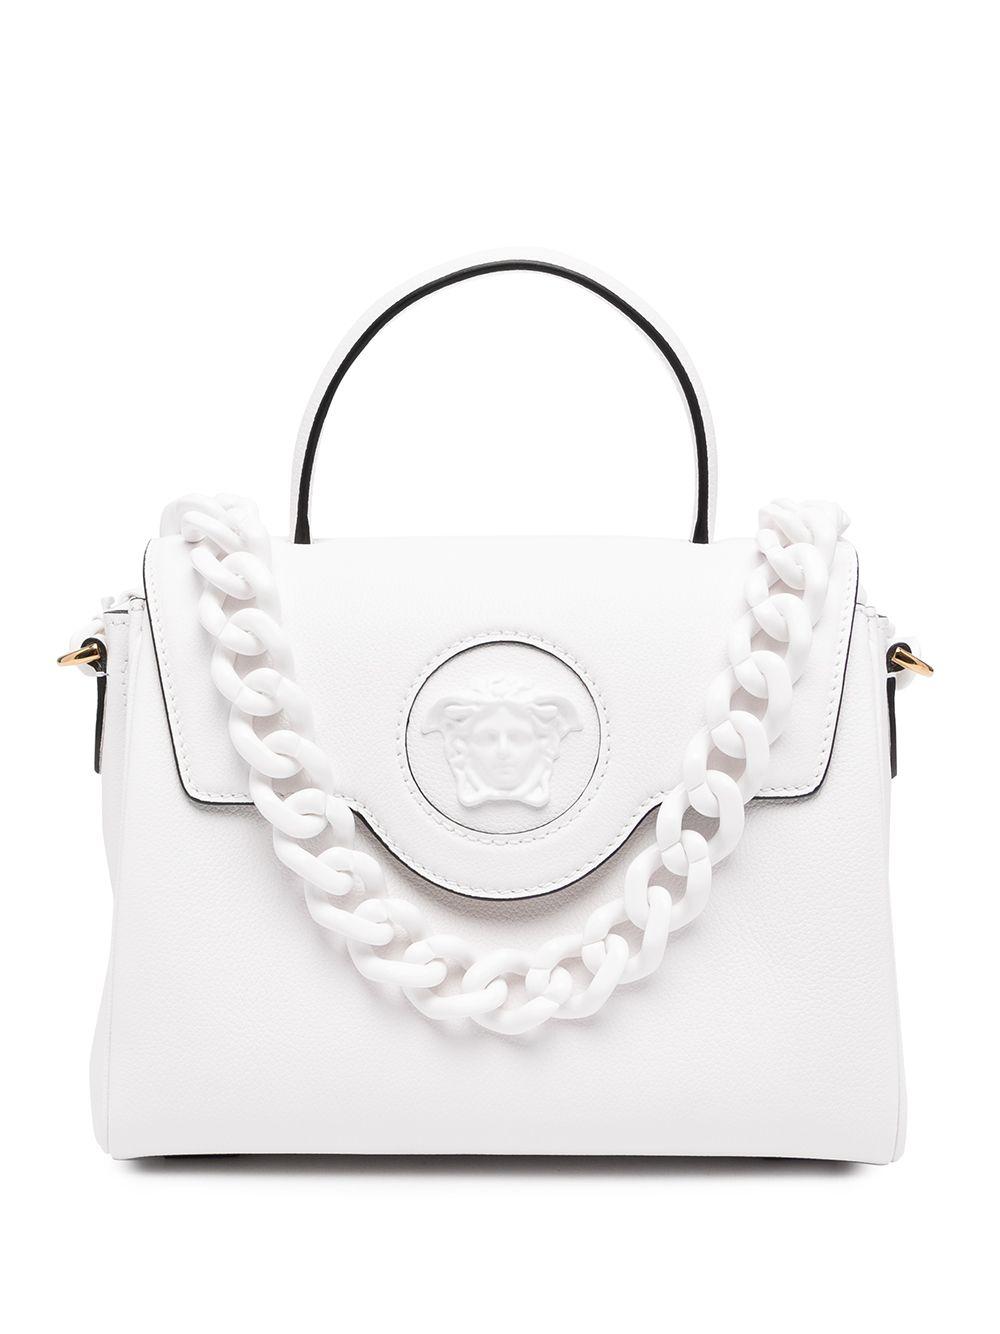 Versace Handtasche mit Medusa - Weiß